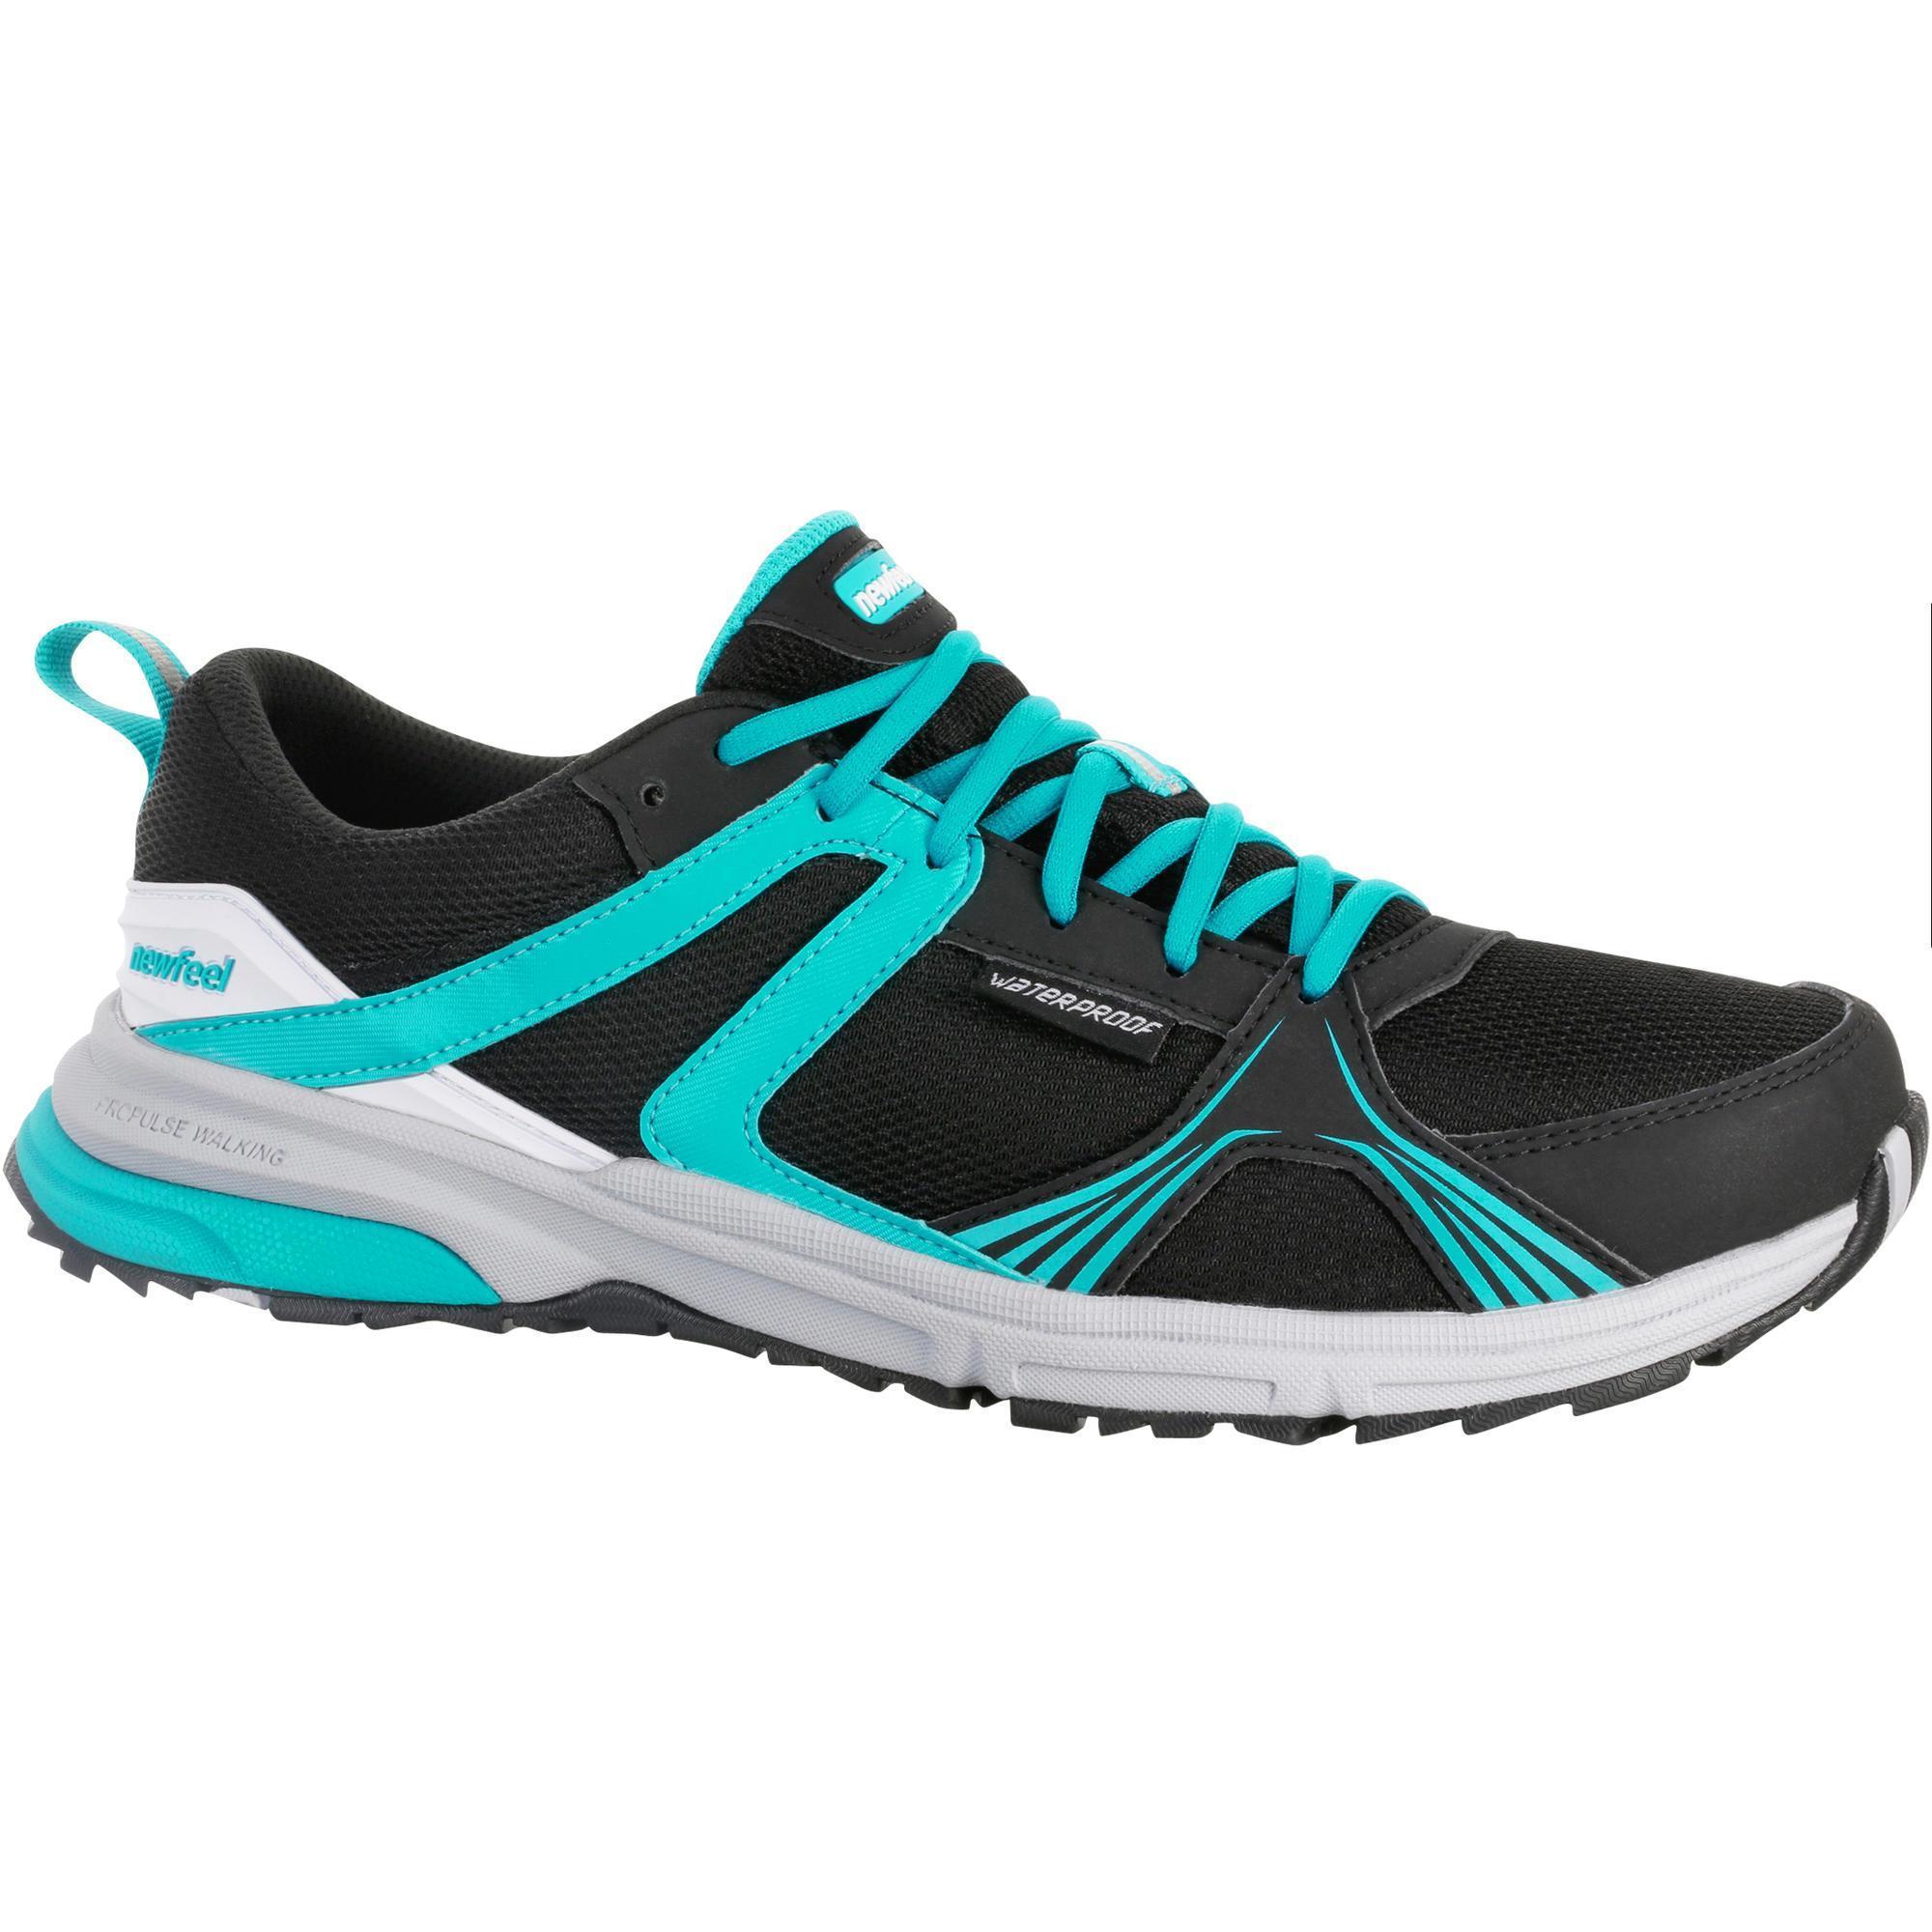 0baede63590 ... chaussures marche nordique femme propulse walk 380 noir bleu newfeel